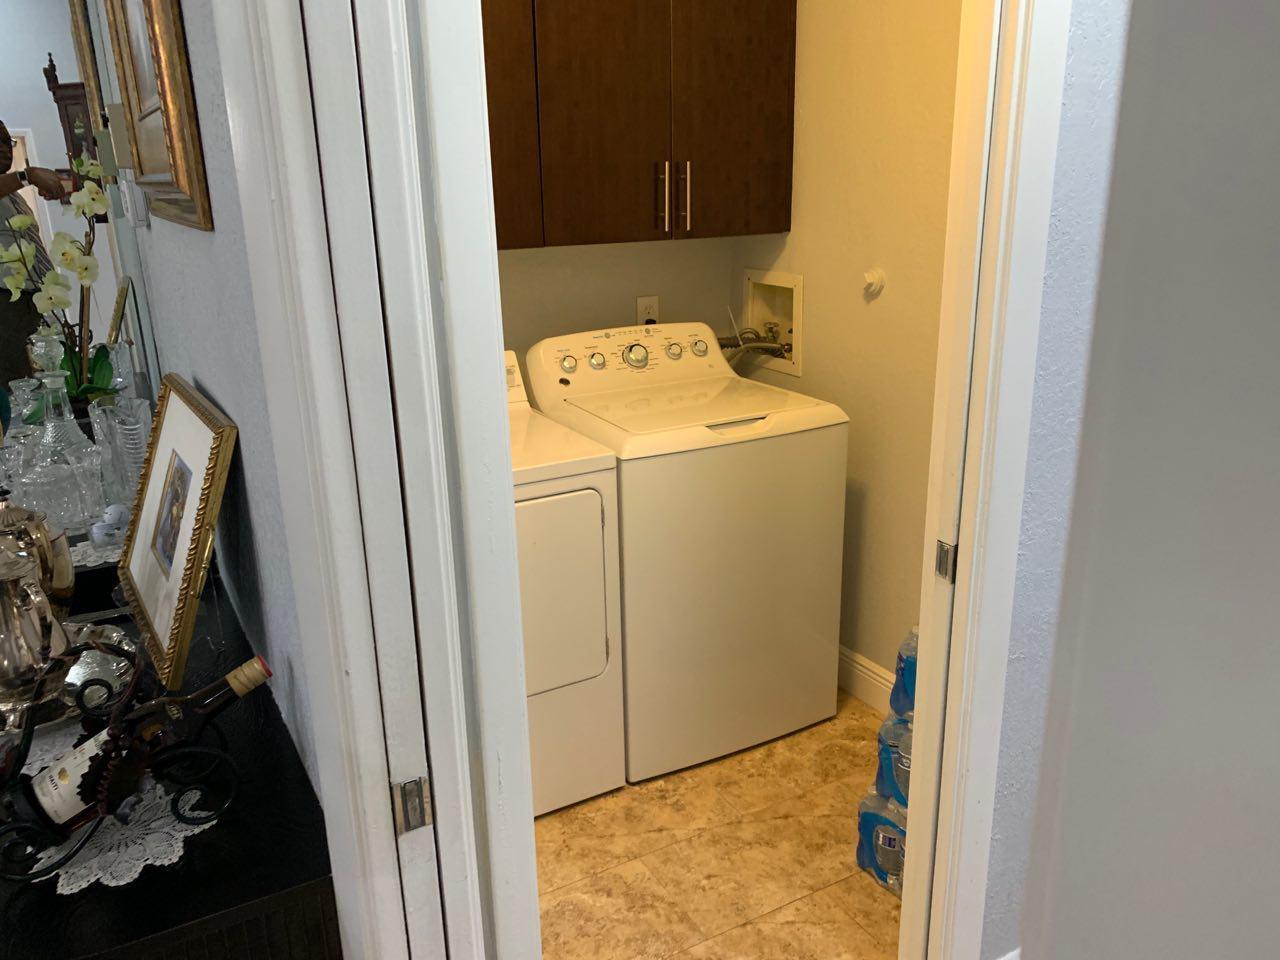 RX-10569088 Property Photo